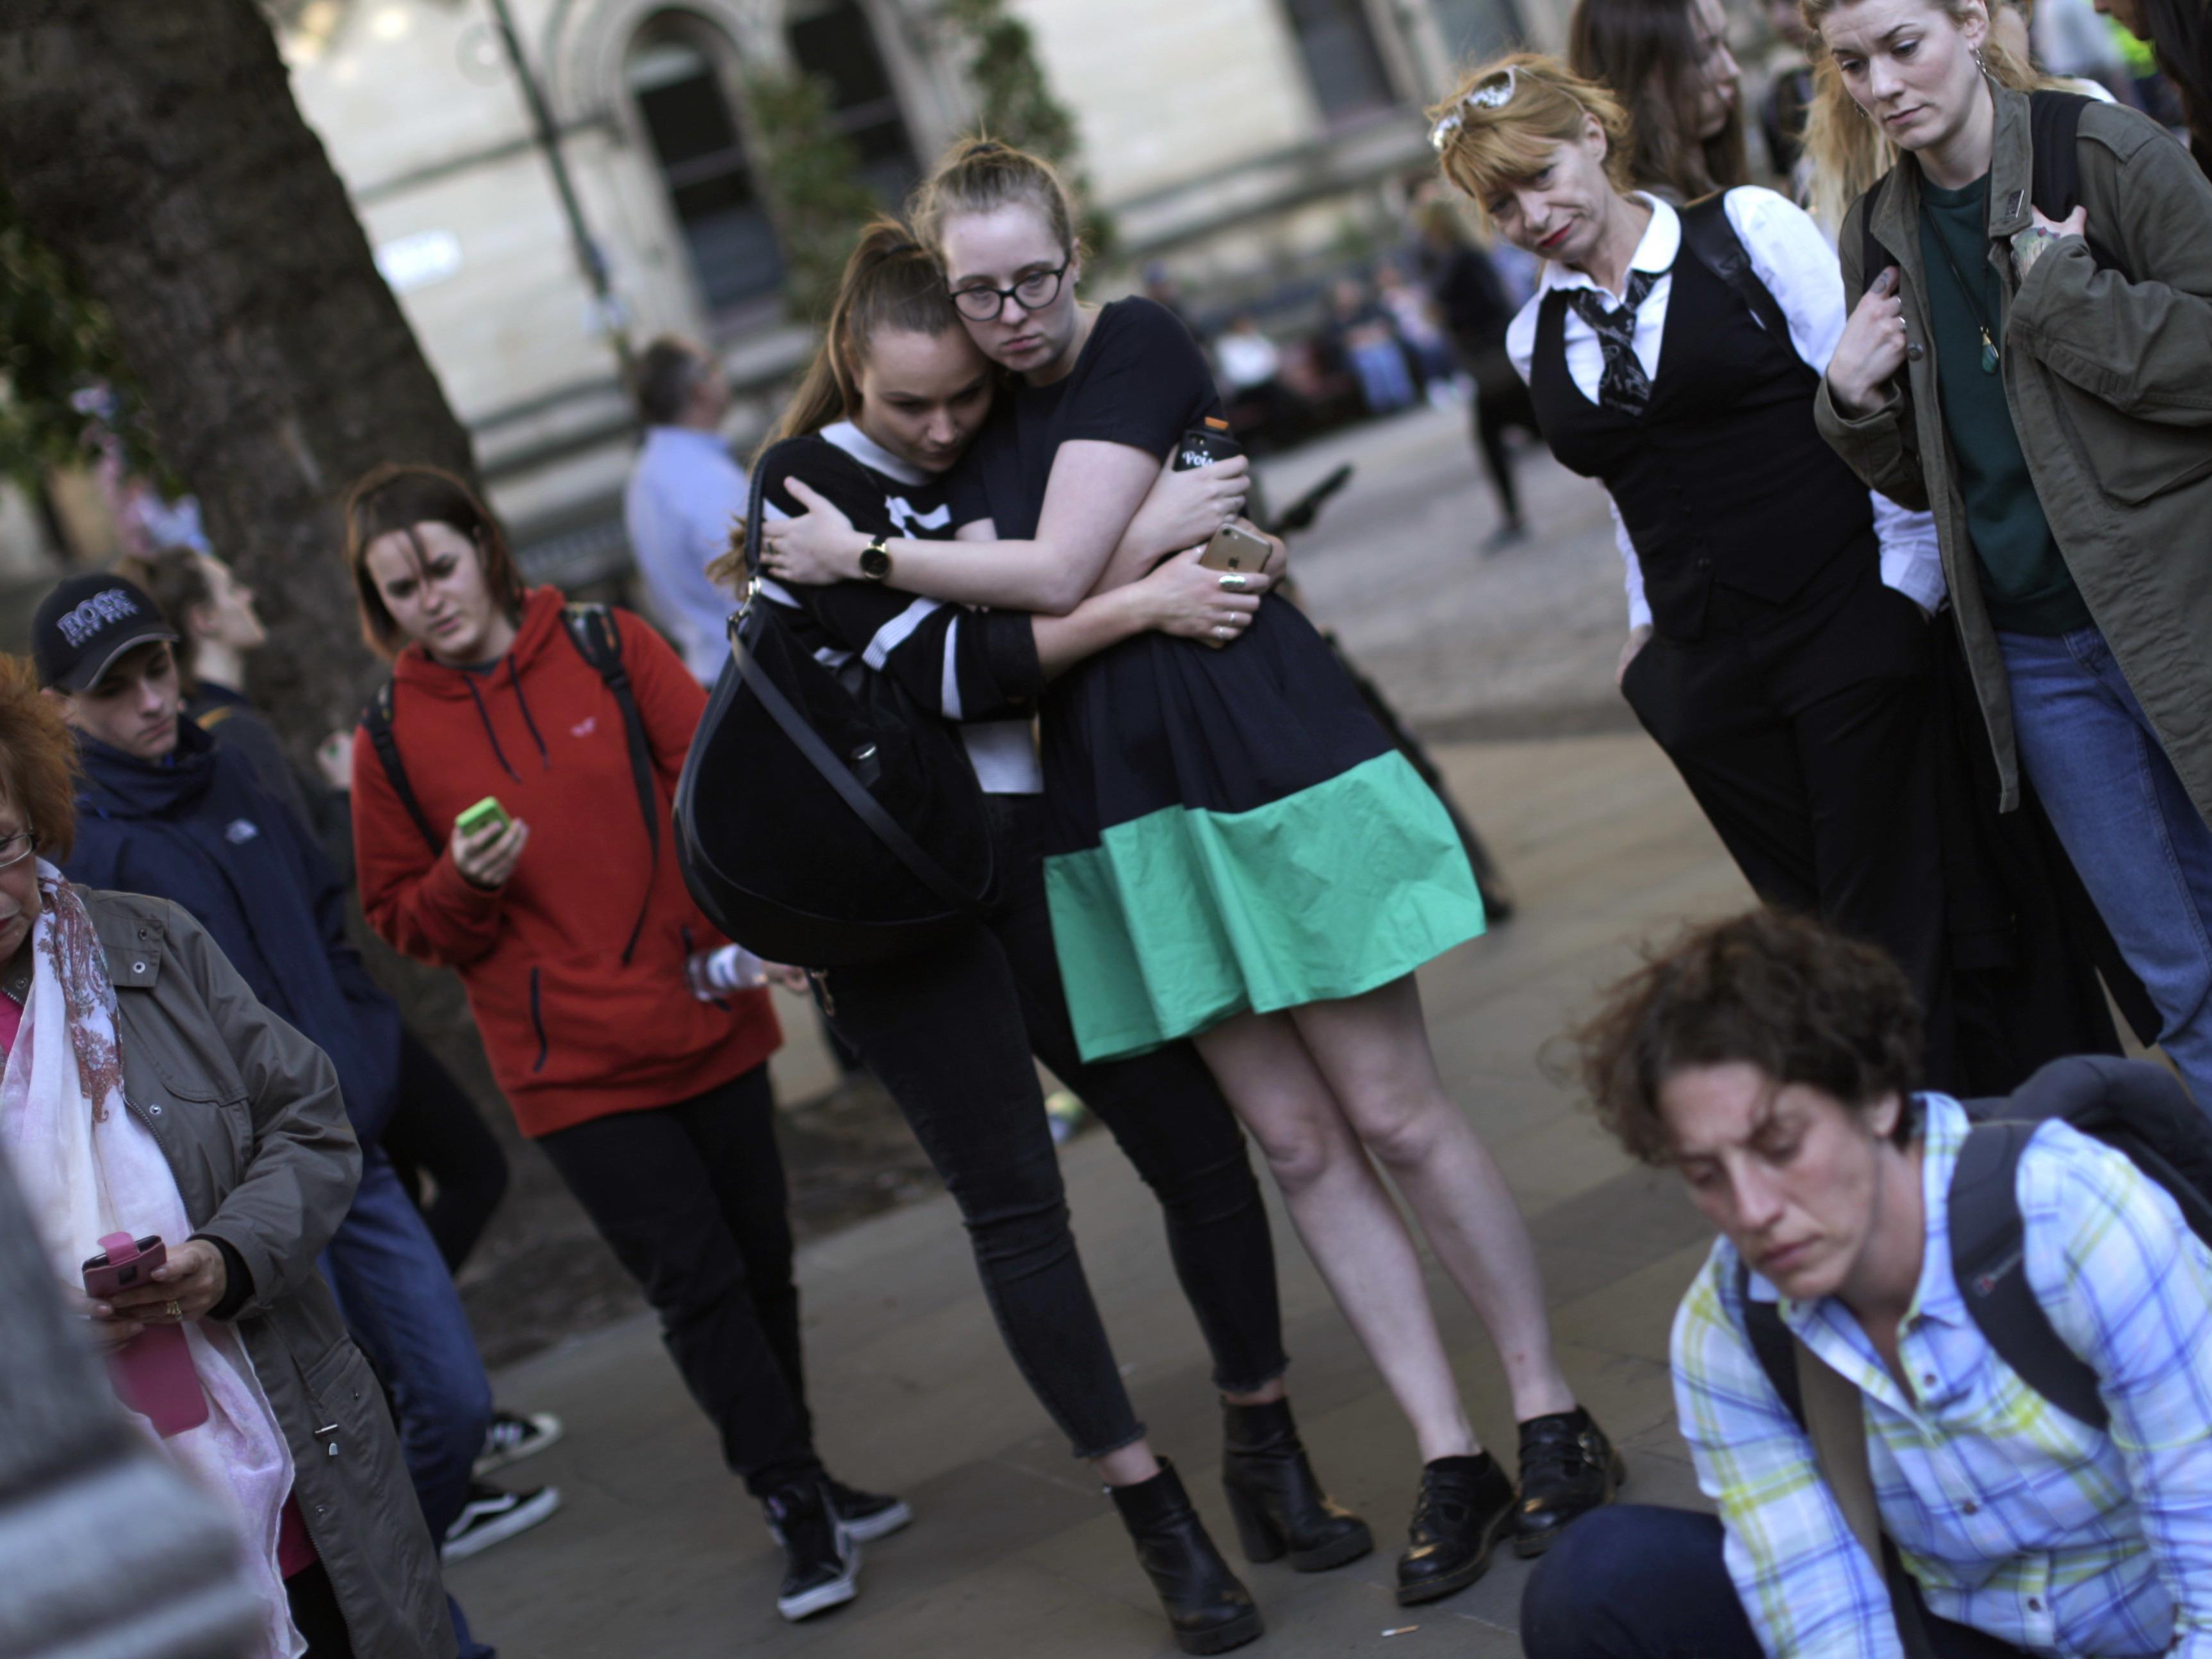 Bei einem Terroranschlag am Ende eines Konzerts des Teenie-Idols Ariana Grande sind in der nordenglischen Stadt Manchester mindestens 22 Menschen ums Leben gekommen.